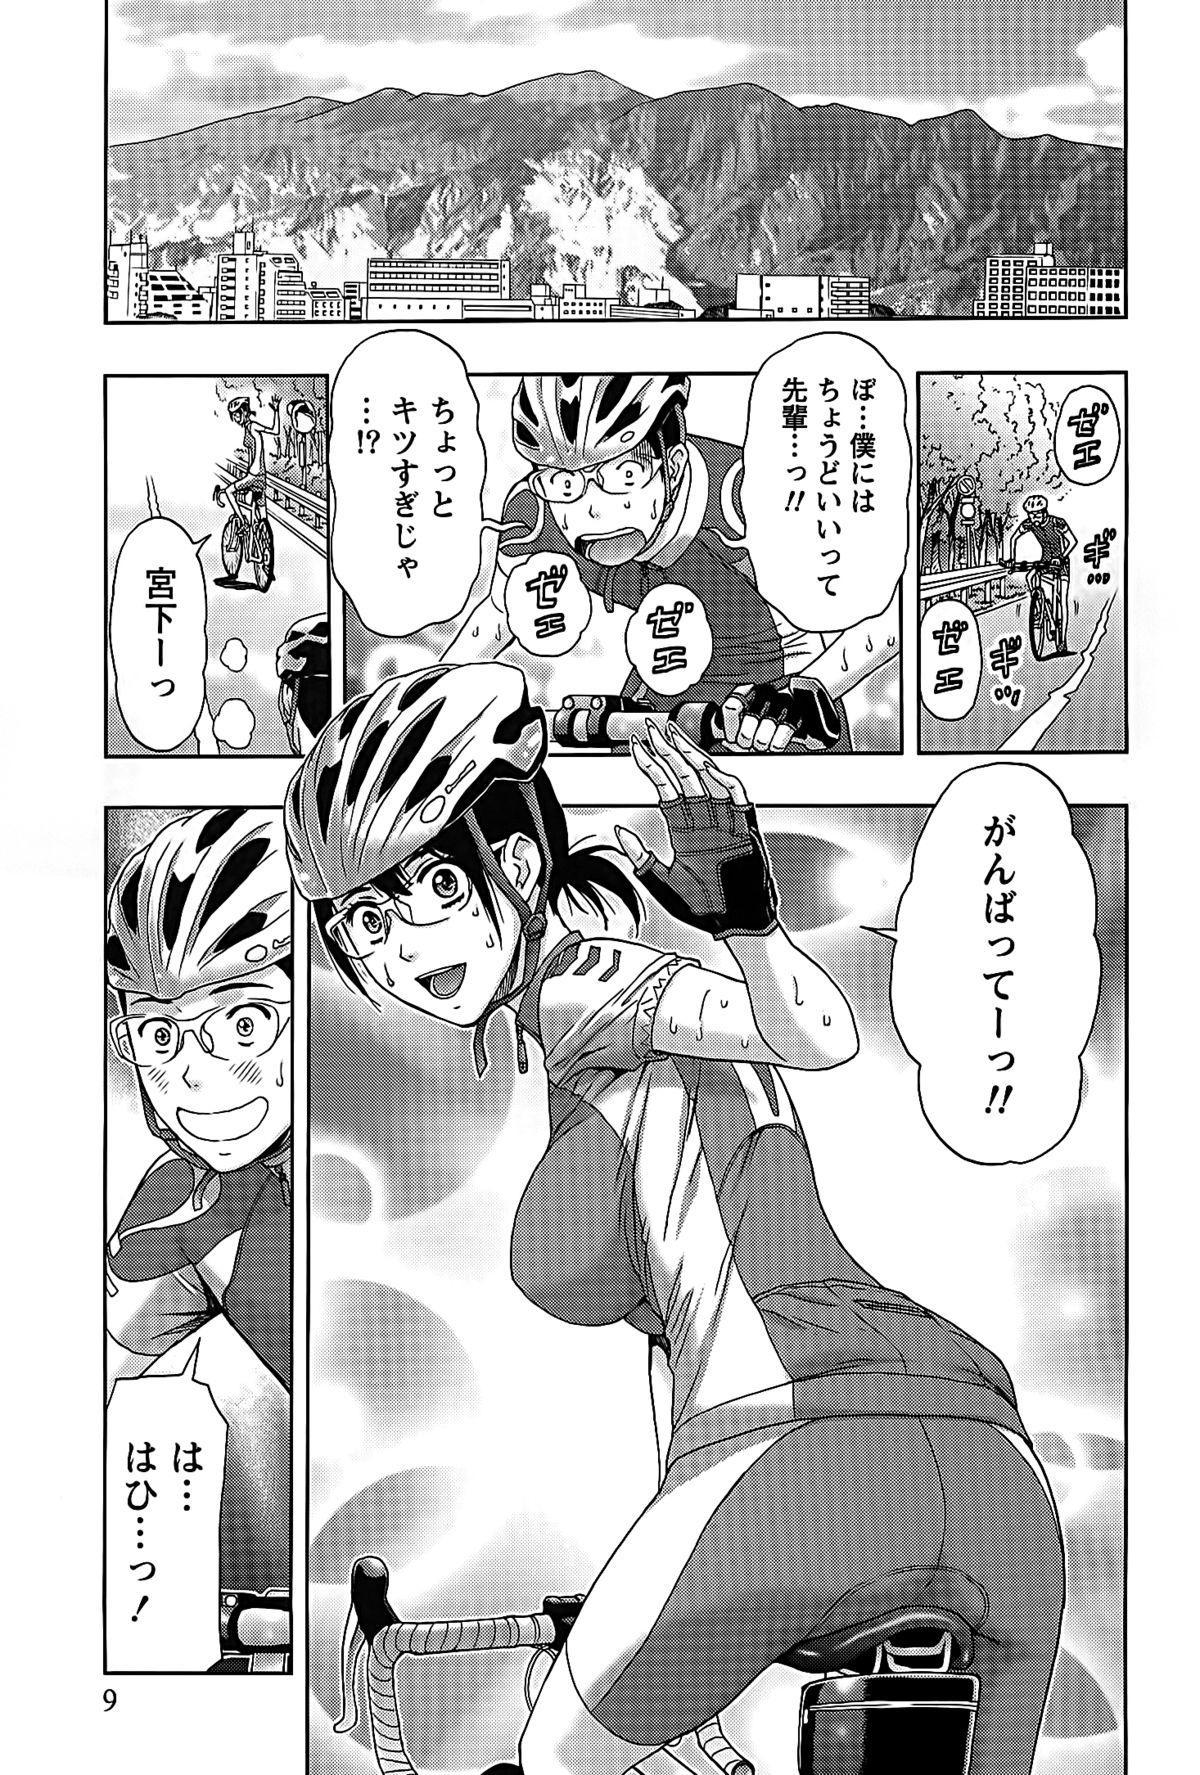 Shittori Lady to Amai Mitsu 8